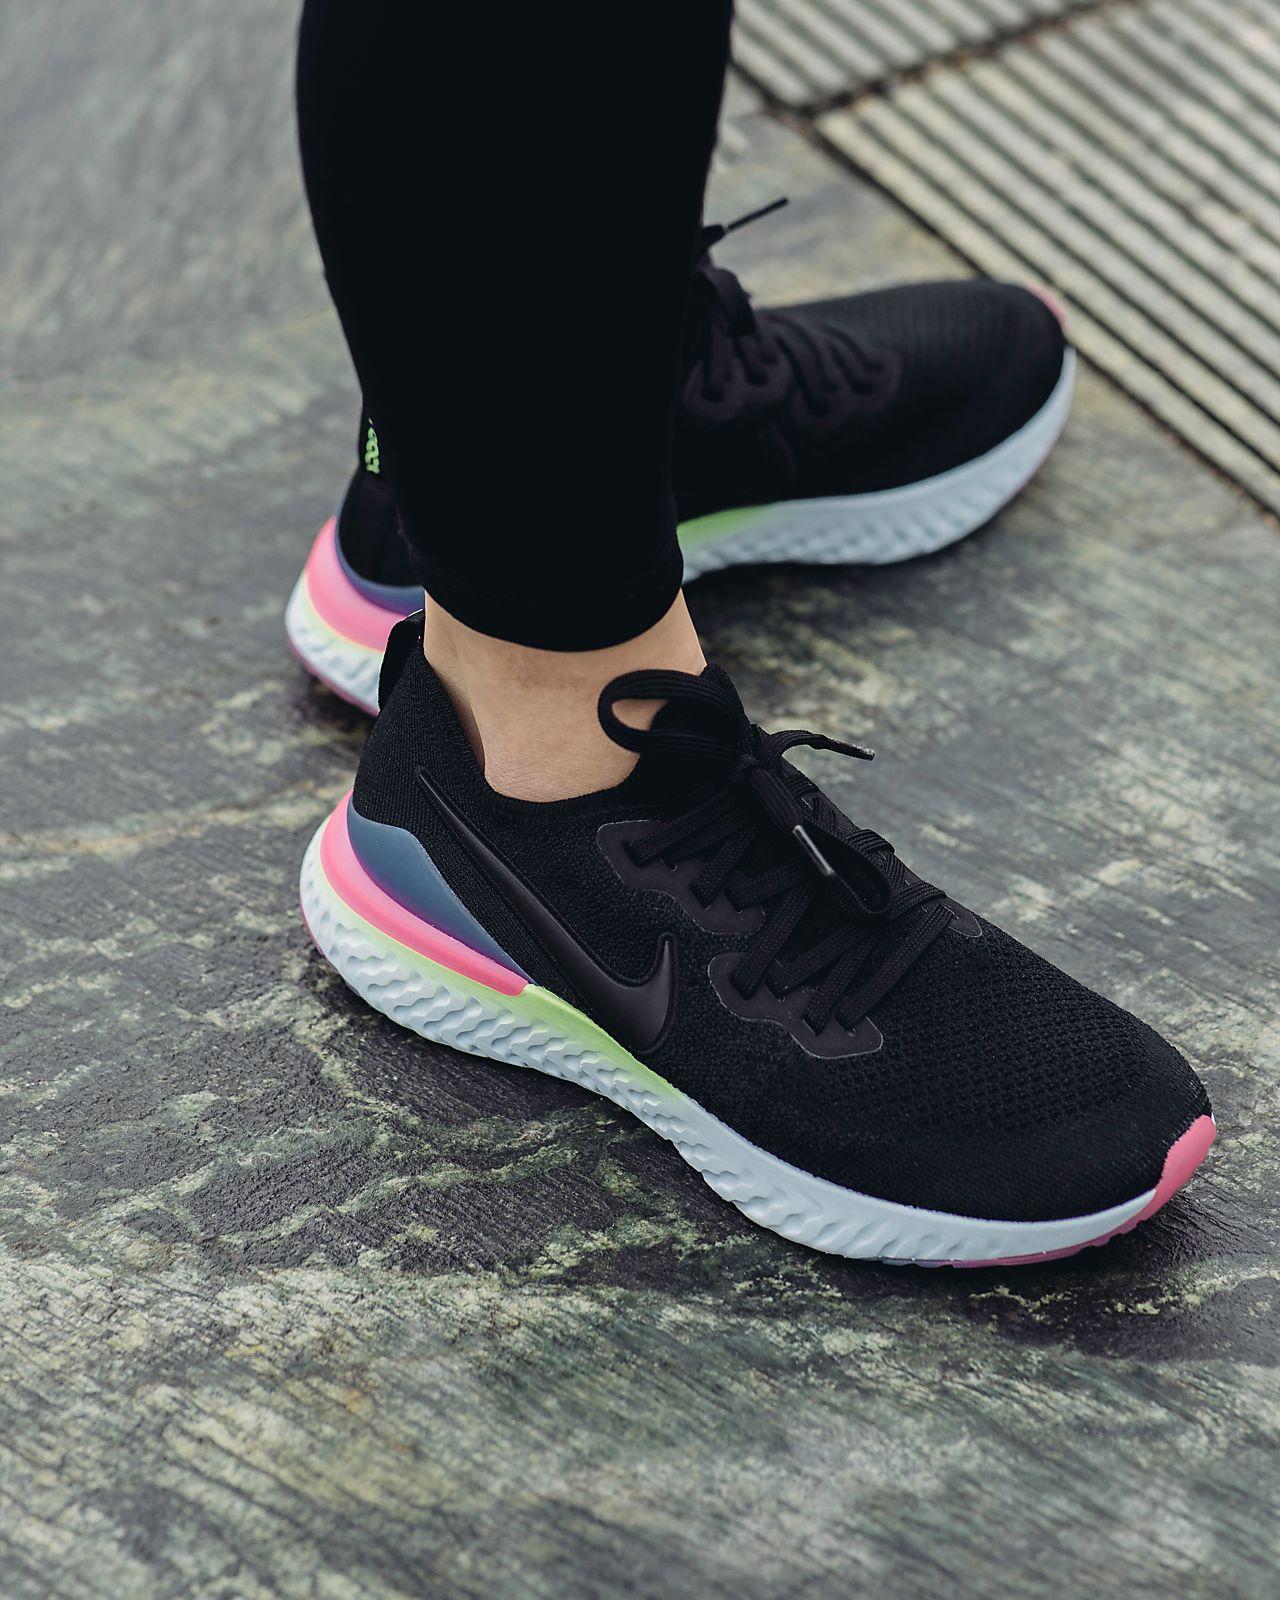 0498cd154 Nike Epic React Flyknit 2 Women's Running Shoe. Nike.com GB